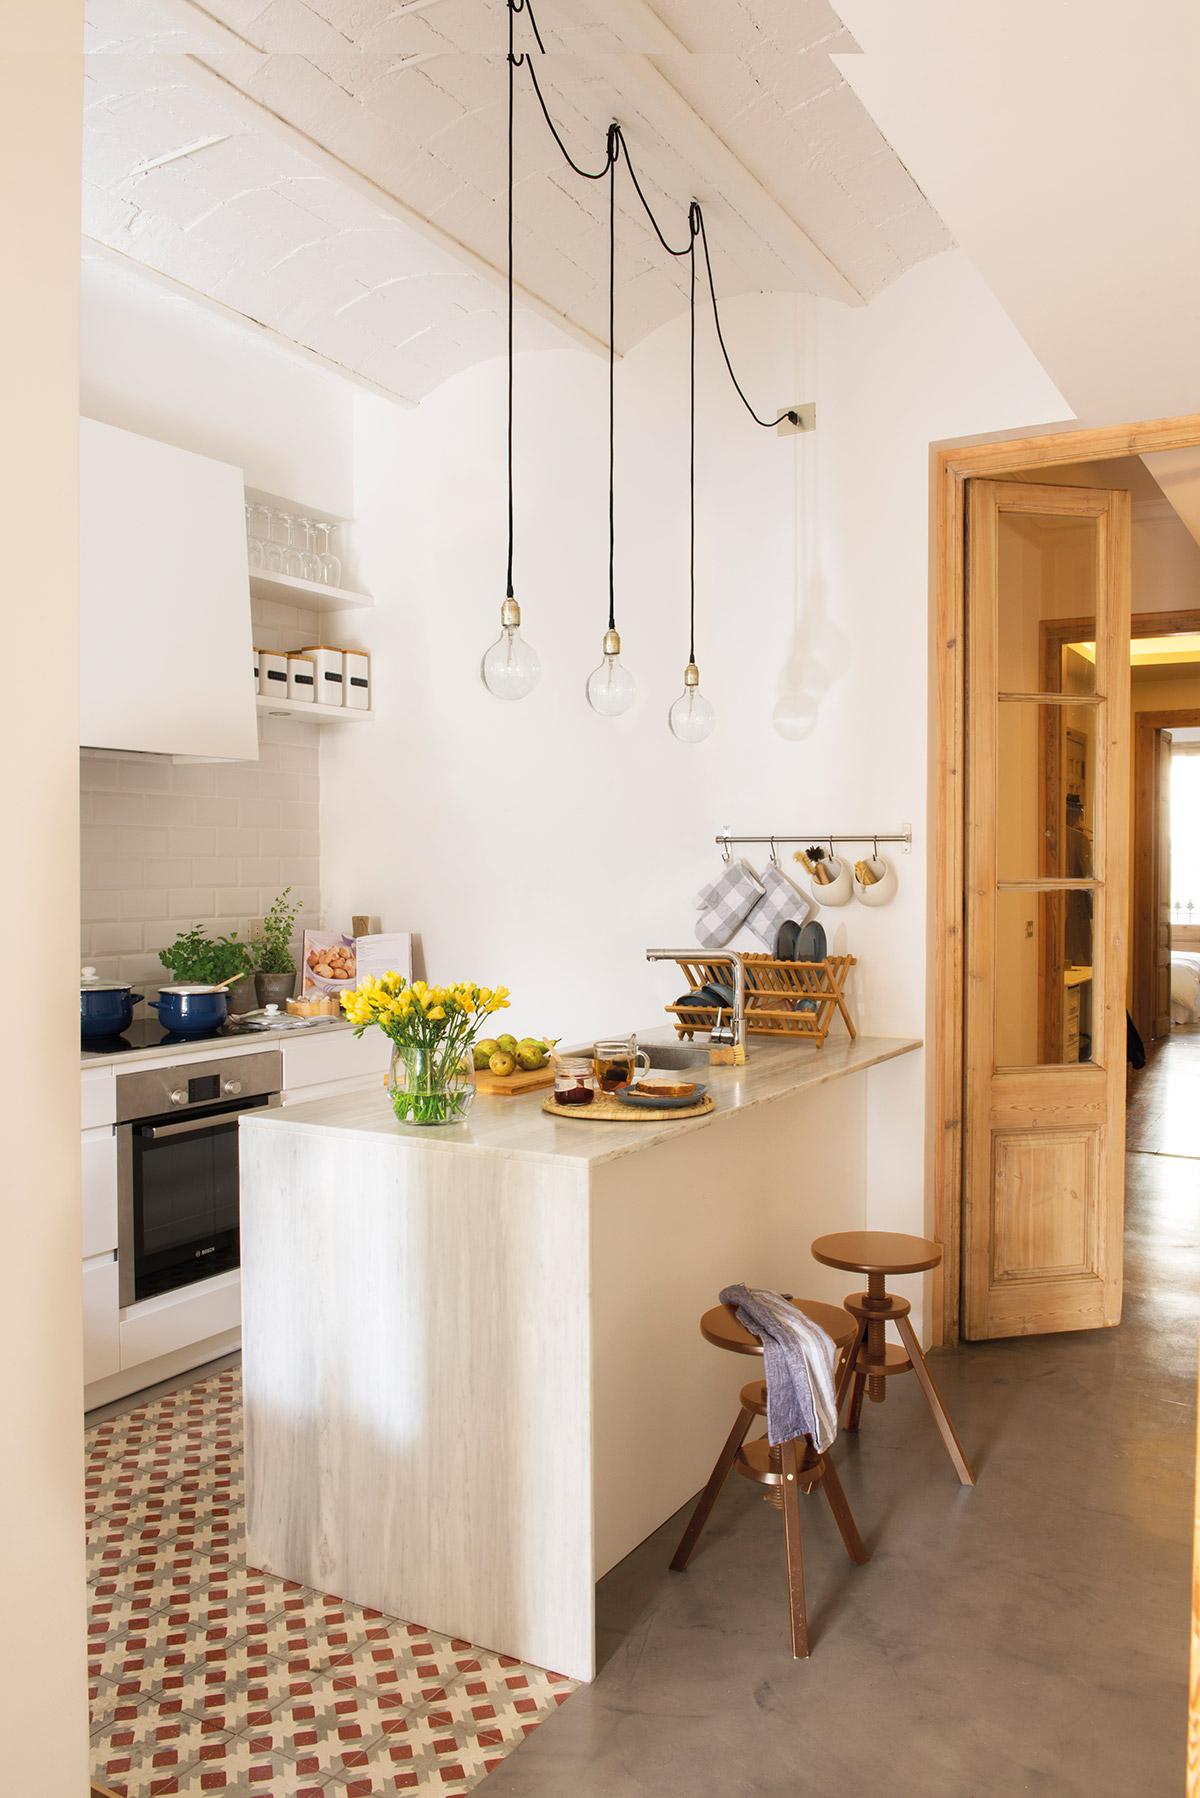 Dise o de una cocina con barra de desayuno for Cocinas en ele pequenas